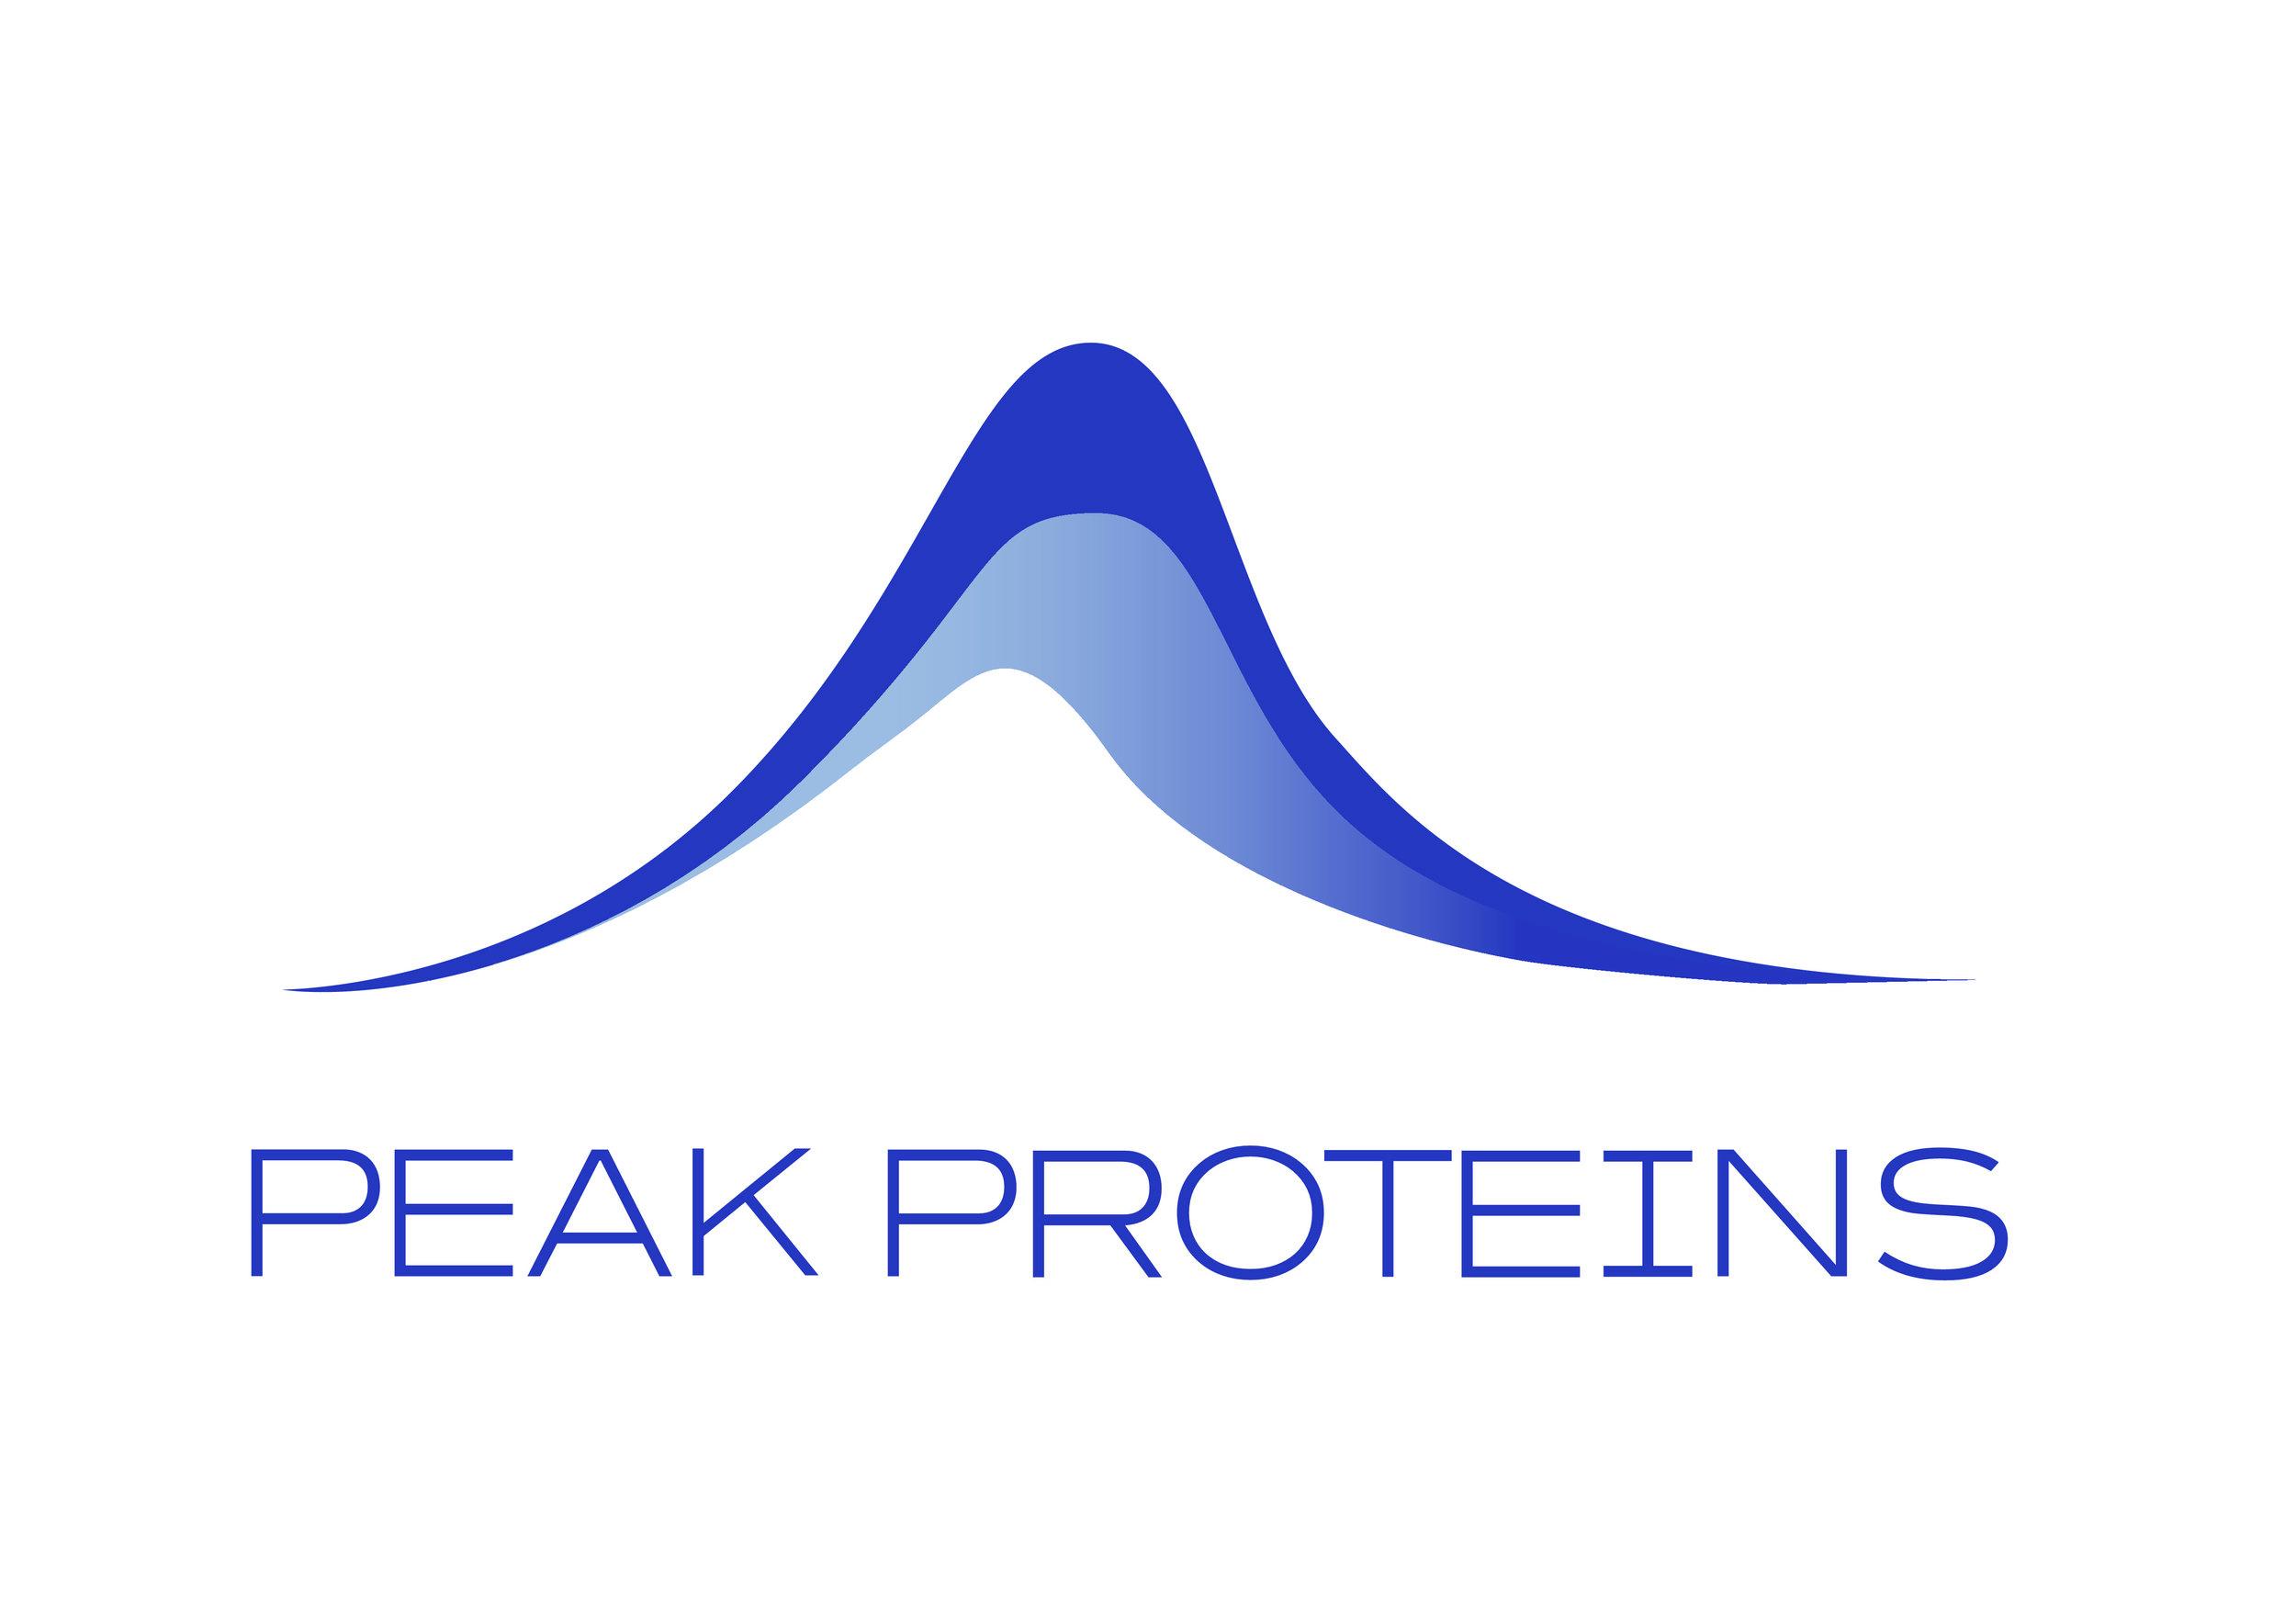 peak proteins Sept2017 (2).jpg